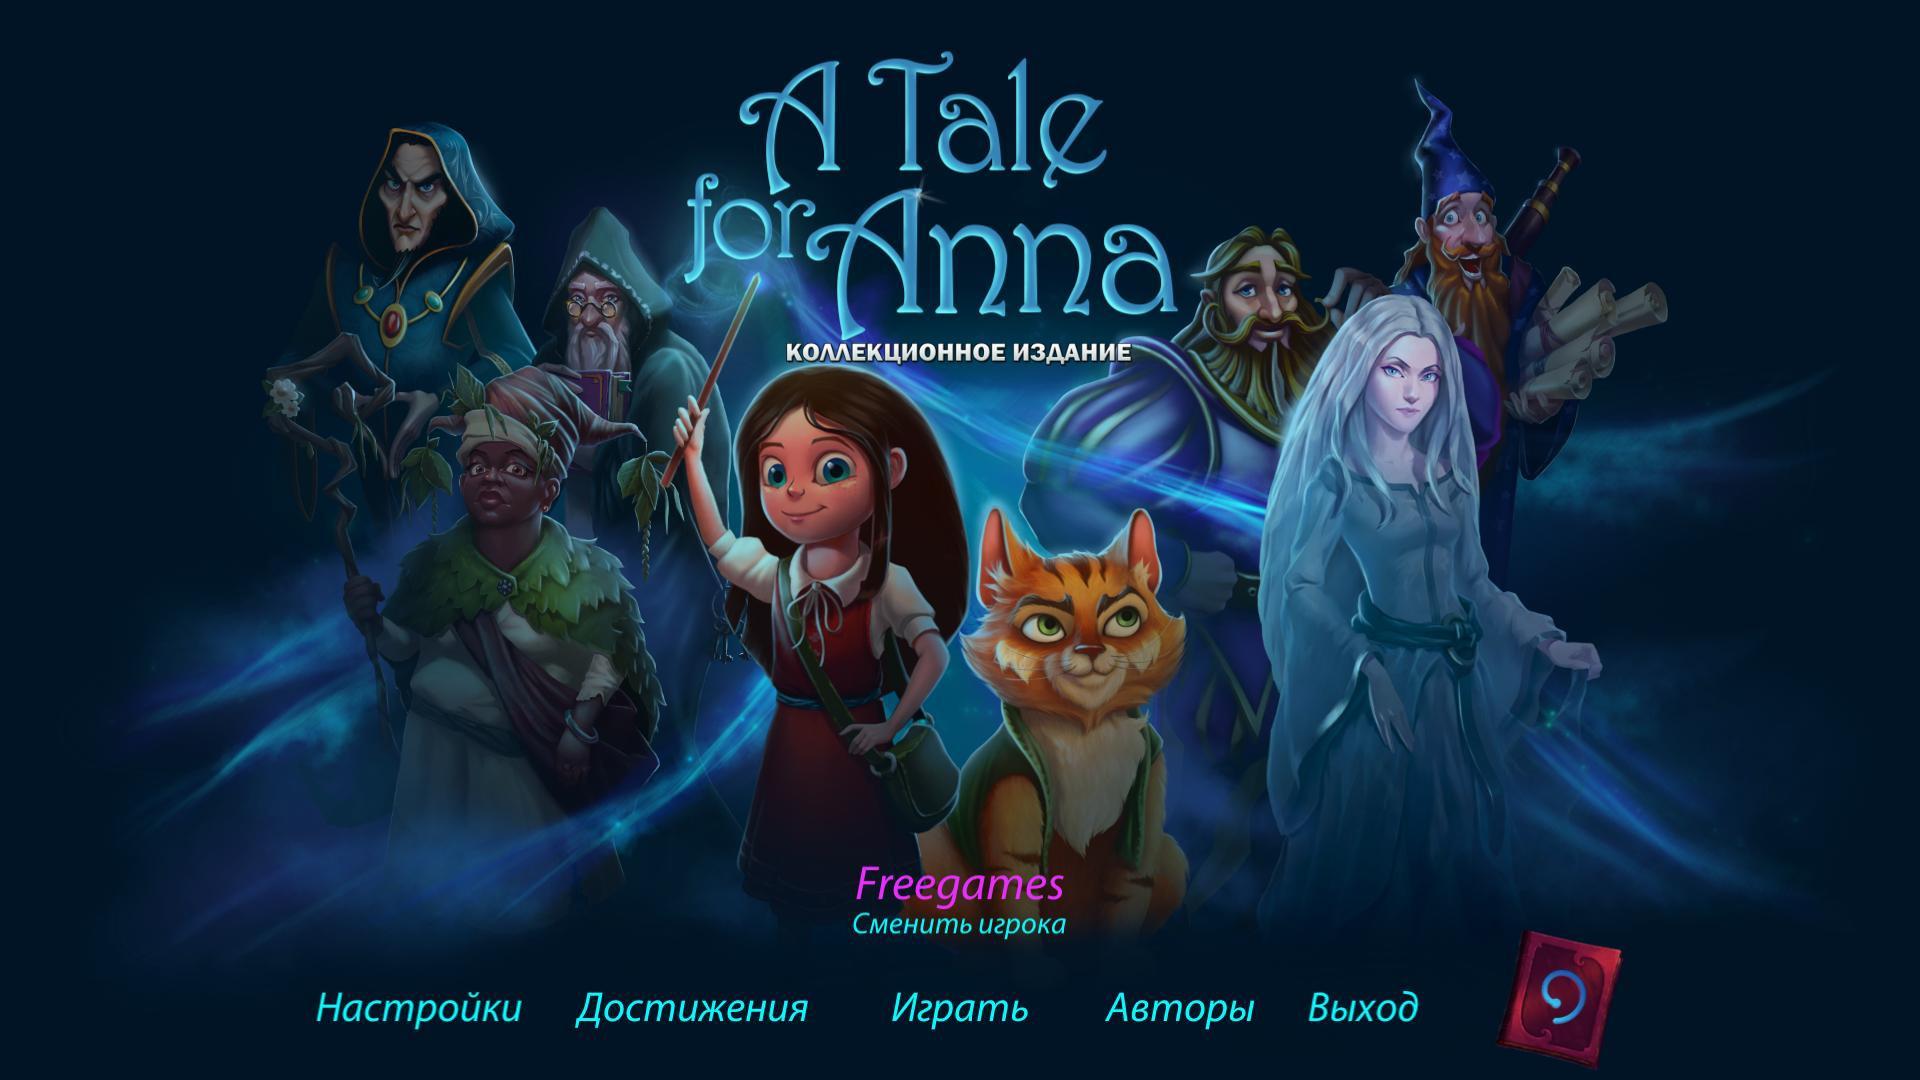 Сказка для Анны. Коллекционное издание | A Tale for Anna CE (Rus)